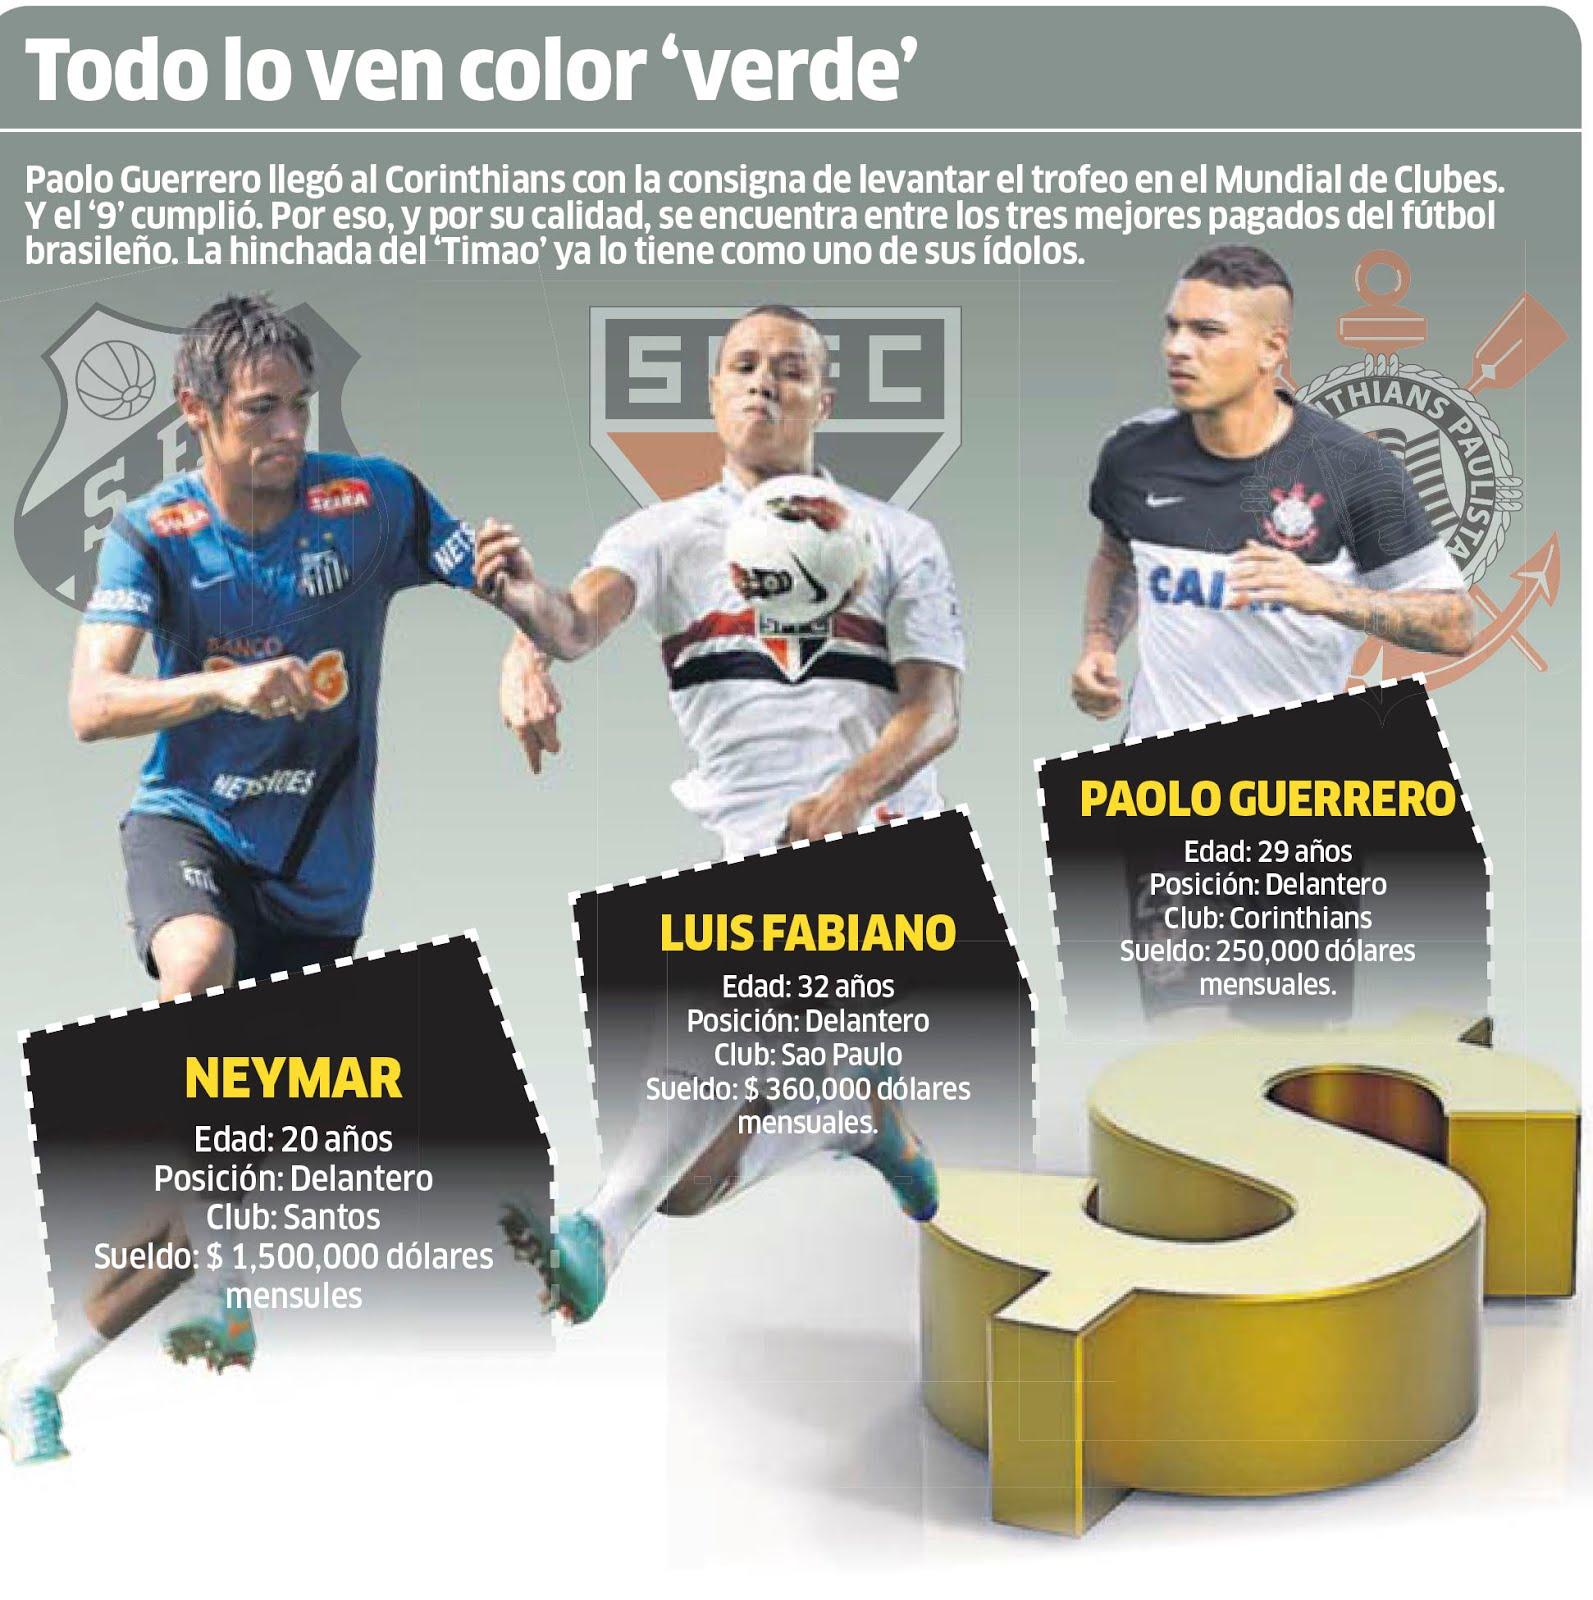 Curiosidades del fútbol brasilero